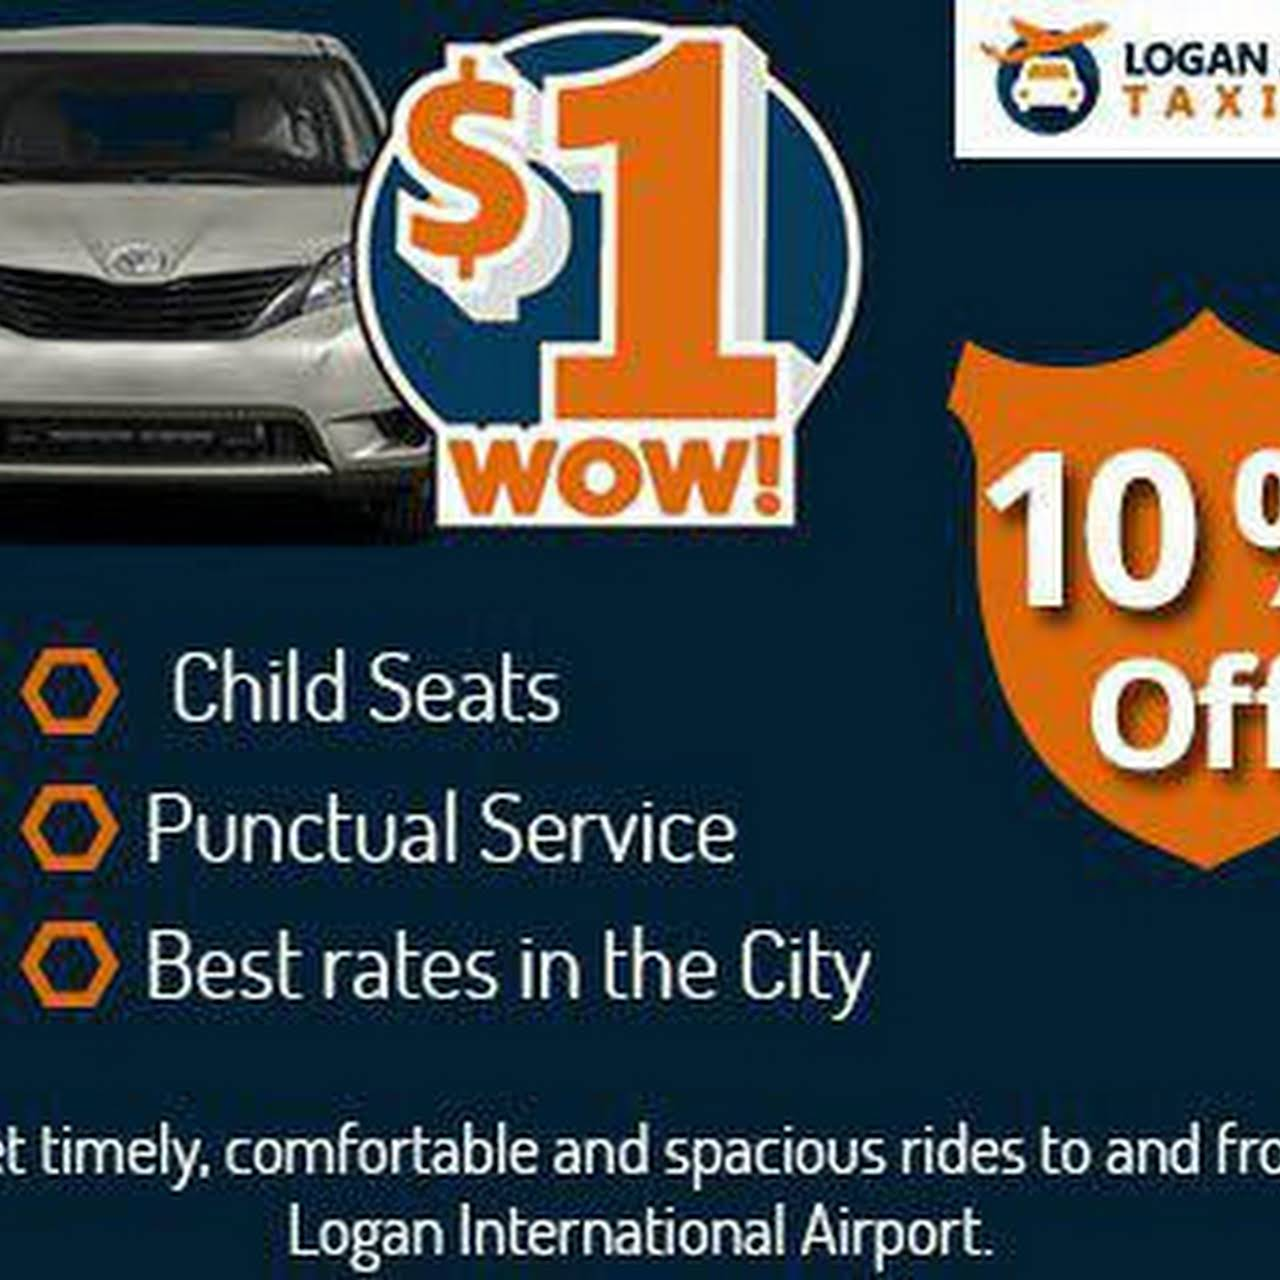 Logan Airport Taxi Cab Car Minivan Suv Service Taxi Service